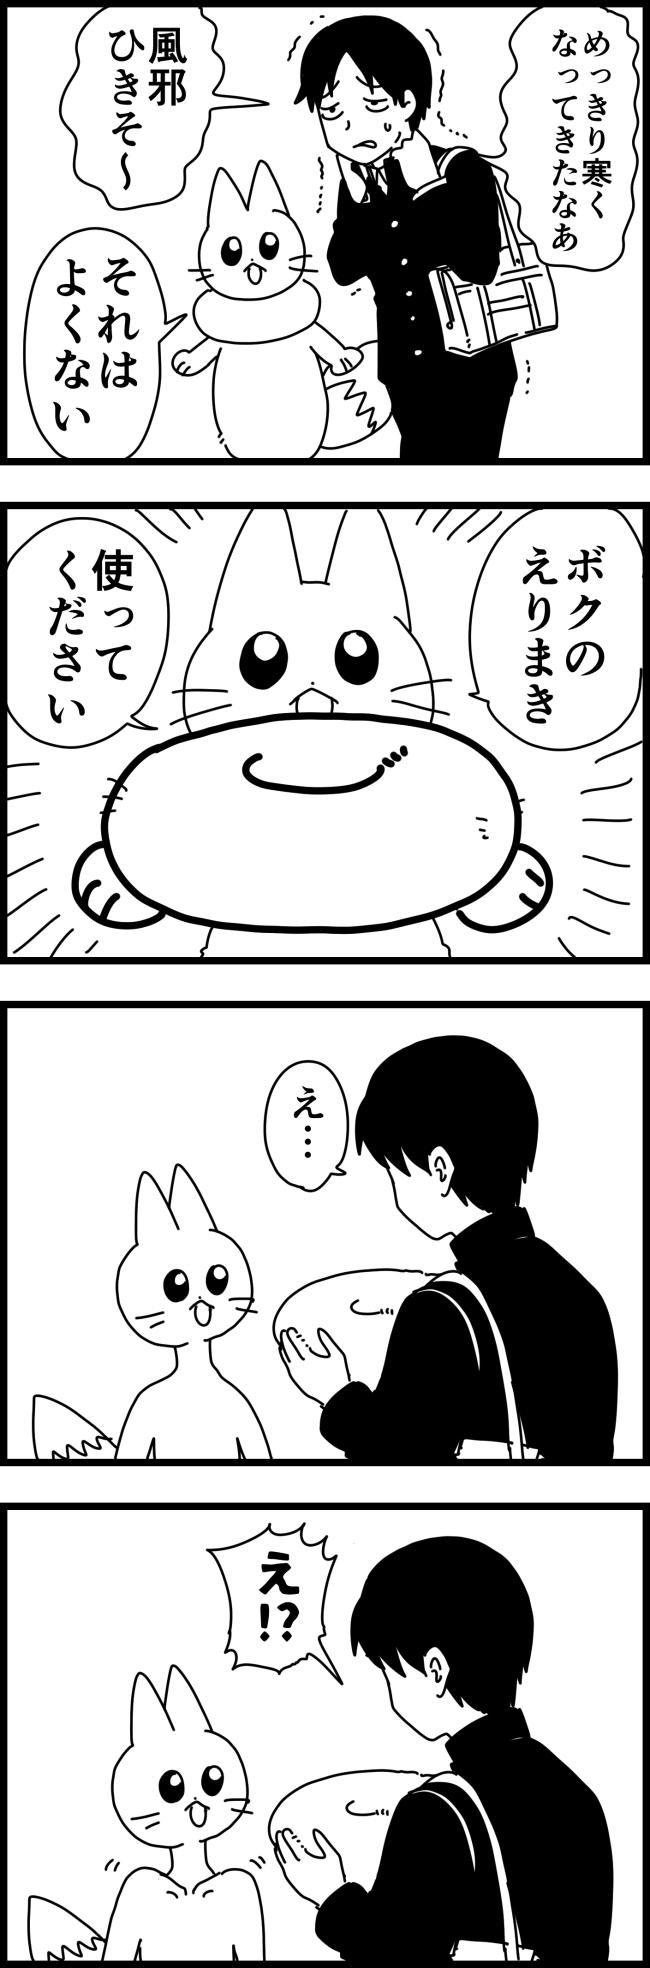 kimonari.jpg